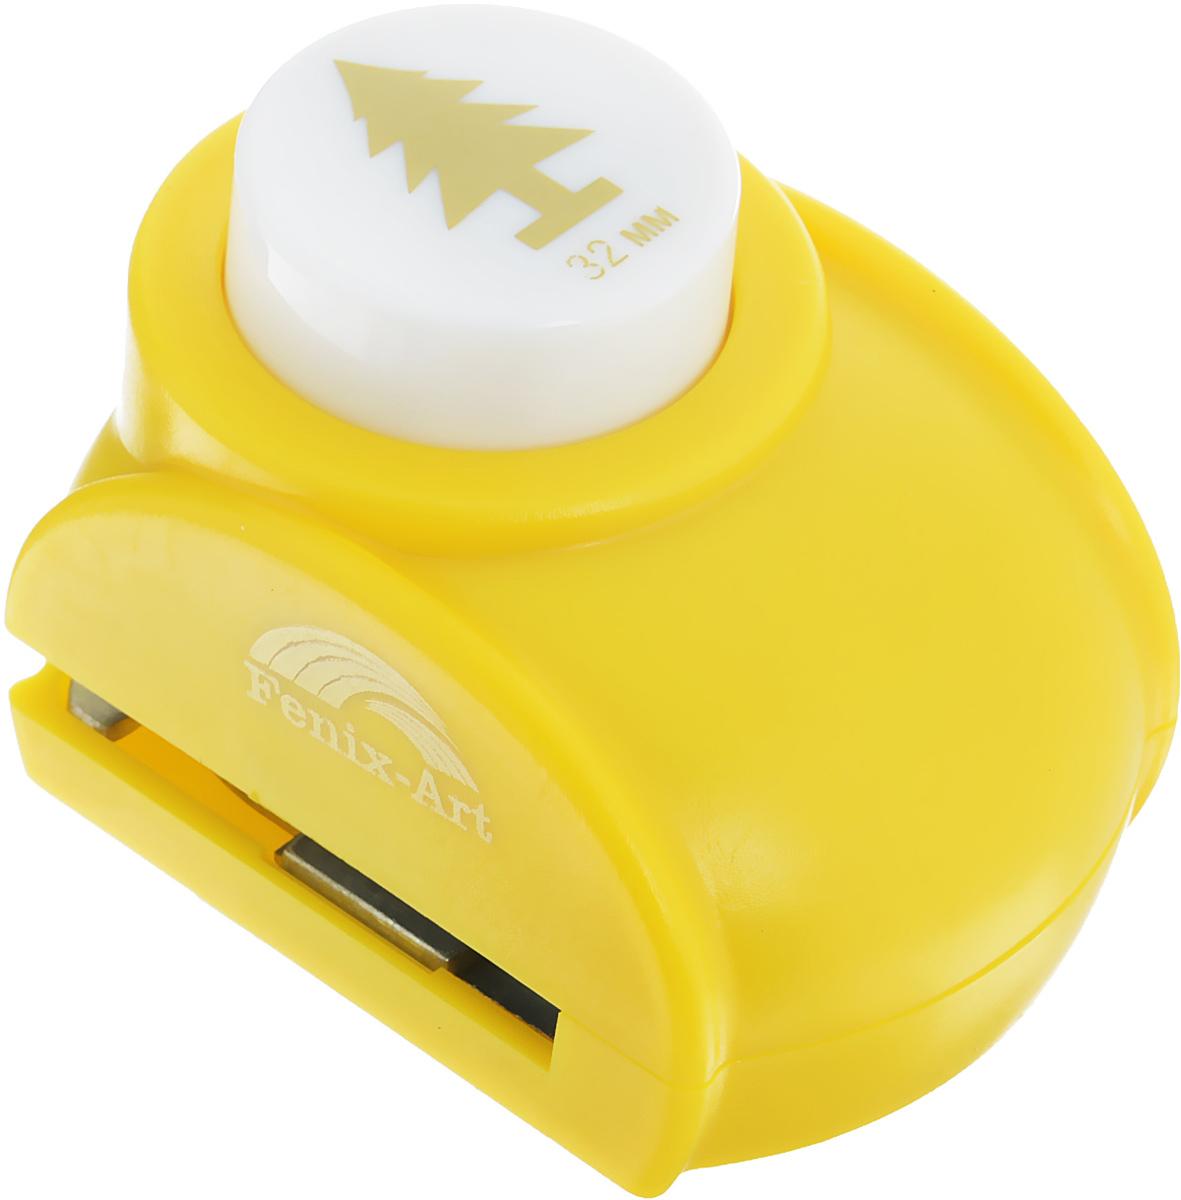 Дырокол фигурный Феникс+ Елочка, цвет: желтый. 3720337203Дырокол фигурный Феникс+ Елочка поможет вам легко, просто и аккуратно вырезать много одинаковых мелких фигурок. Режущие части компостера закрыты пластмассовым корпусом, что обеспечивает безопасность для детей. Можно использовать вырезанные мотивы как конфетти или для наклеивания. Дырокол подходит для разных техник: декупажа, скрапбукинга, декорирования. Размер дырокола: 7,8 см х 4,4 см х 5,4 см. Размер готовой фигурки: 3,2 см.